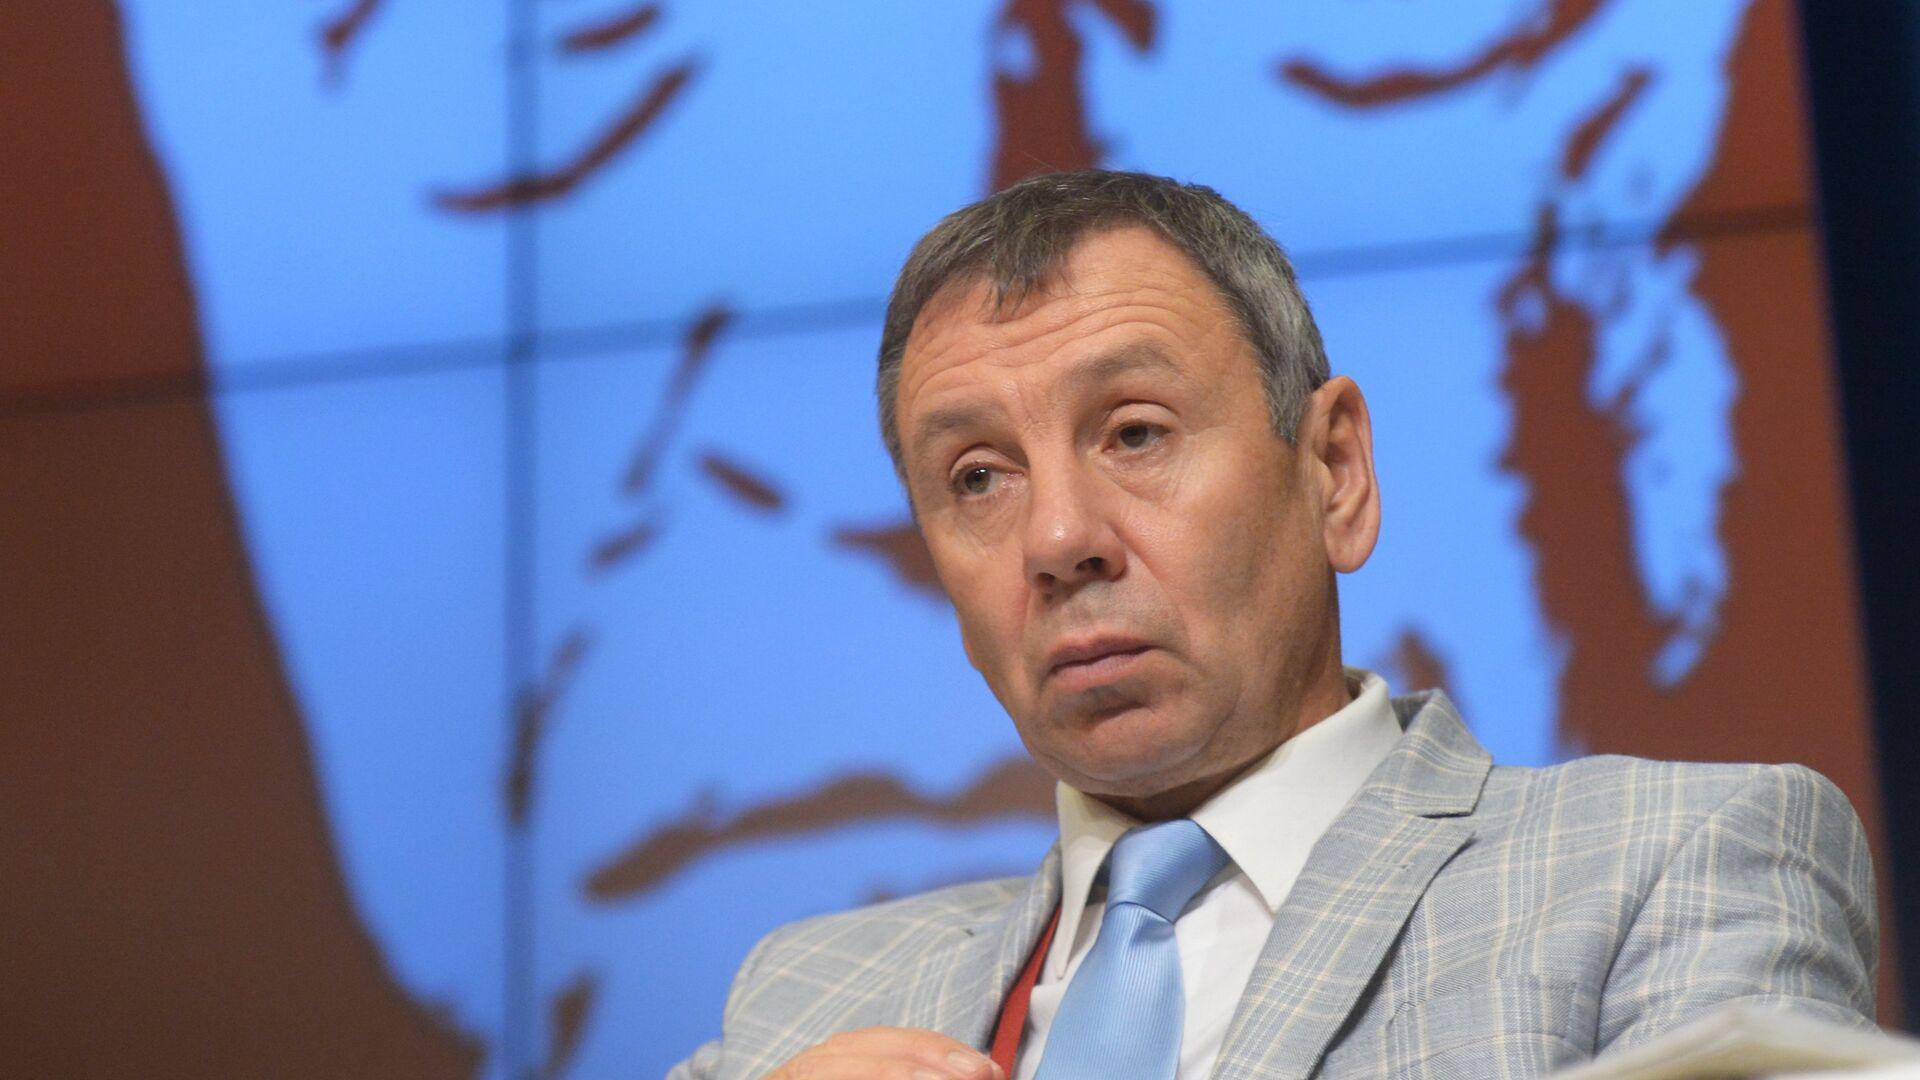 Политолог, член Общественной палаты (ОП) РФ Сергей Марков - Sputnik Беларусь, 1920, 16.04.2021